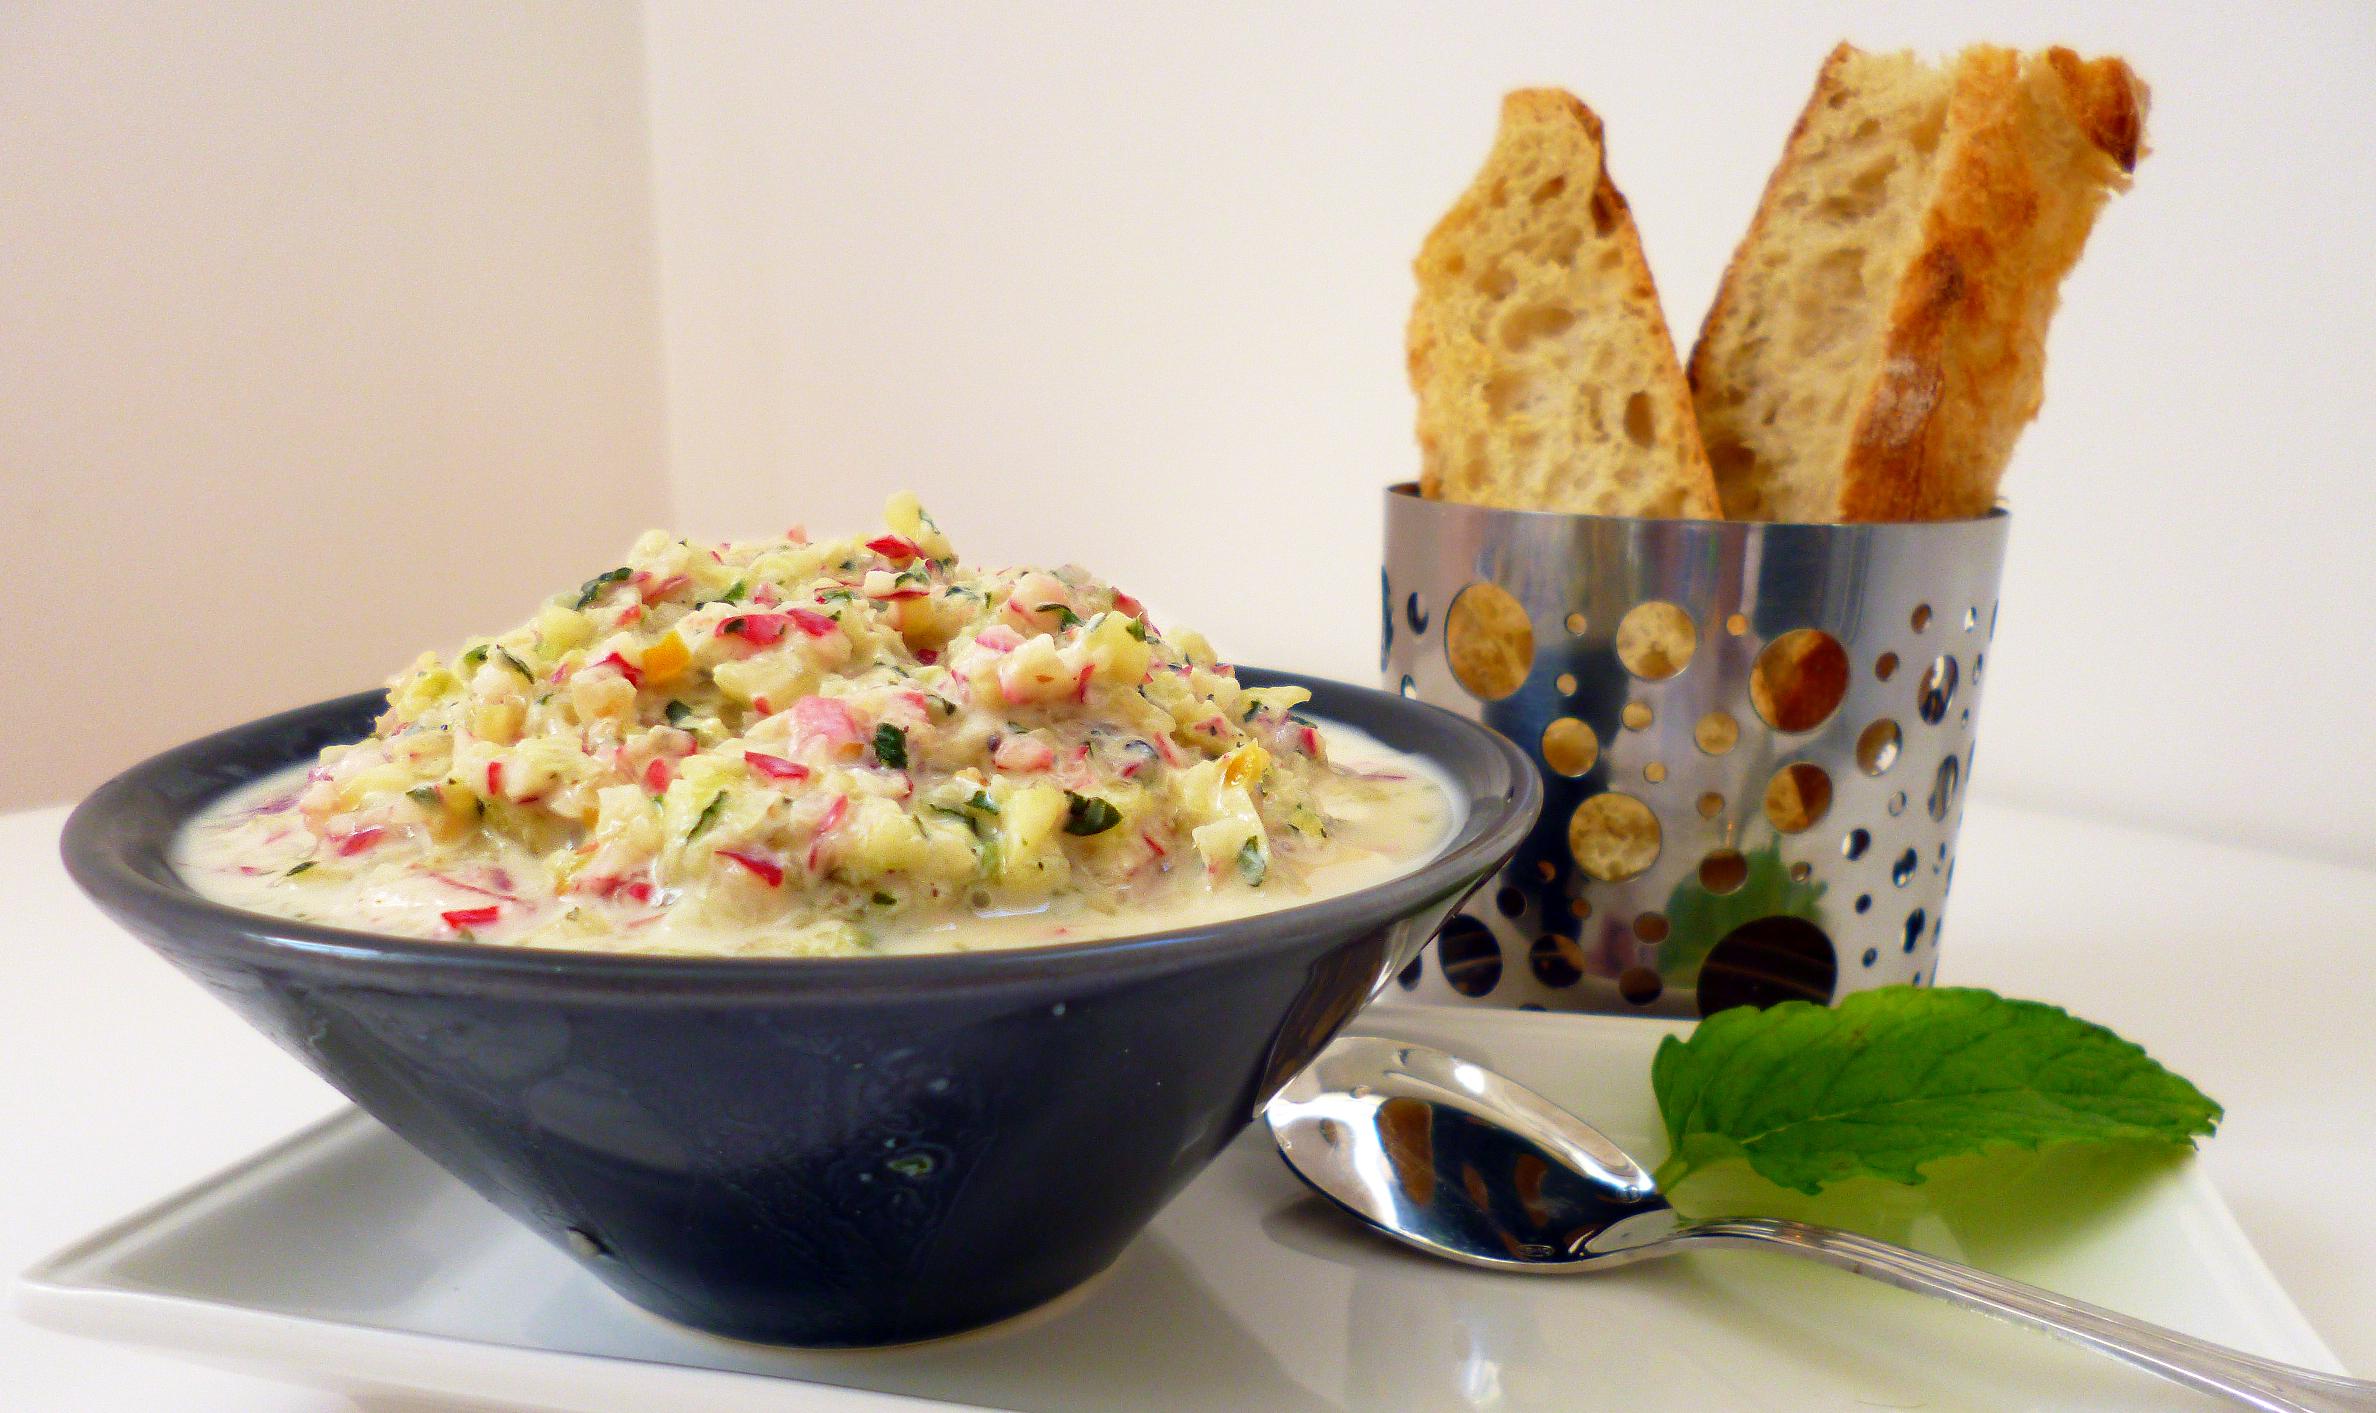 radis et concombre au yaourt la recette facile par toqu s 2 cuisine. Black Bedroom Furniture Sets. Home Design Ideas